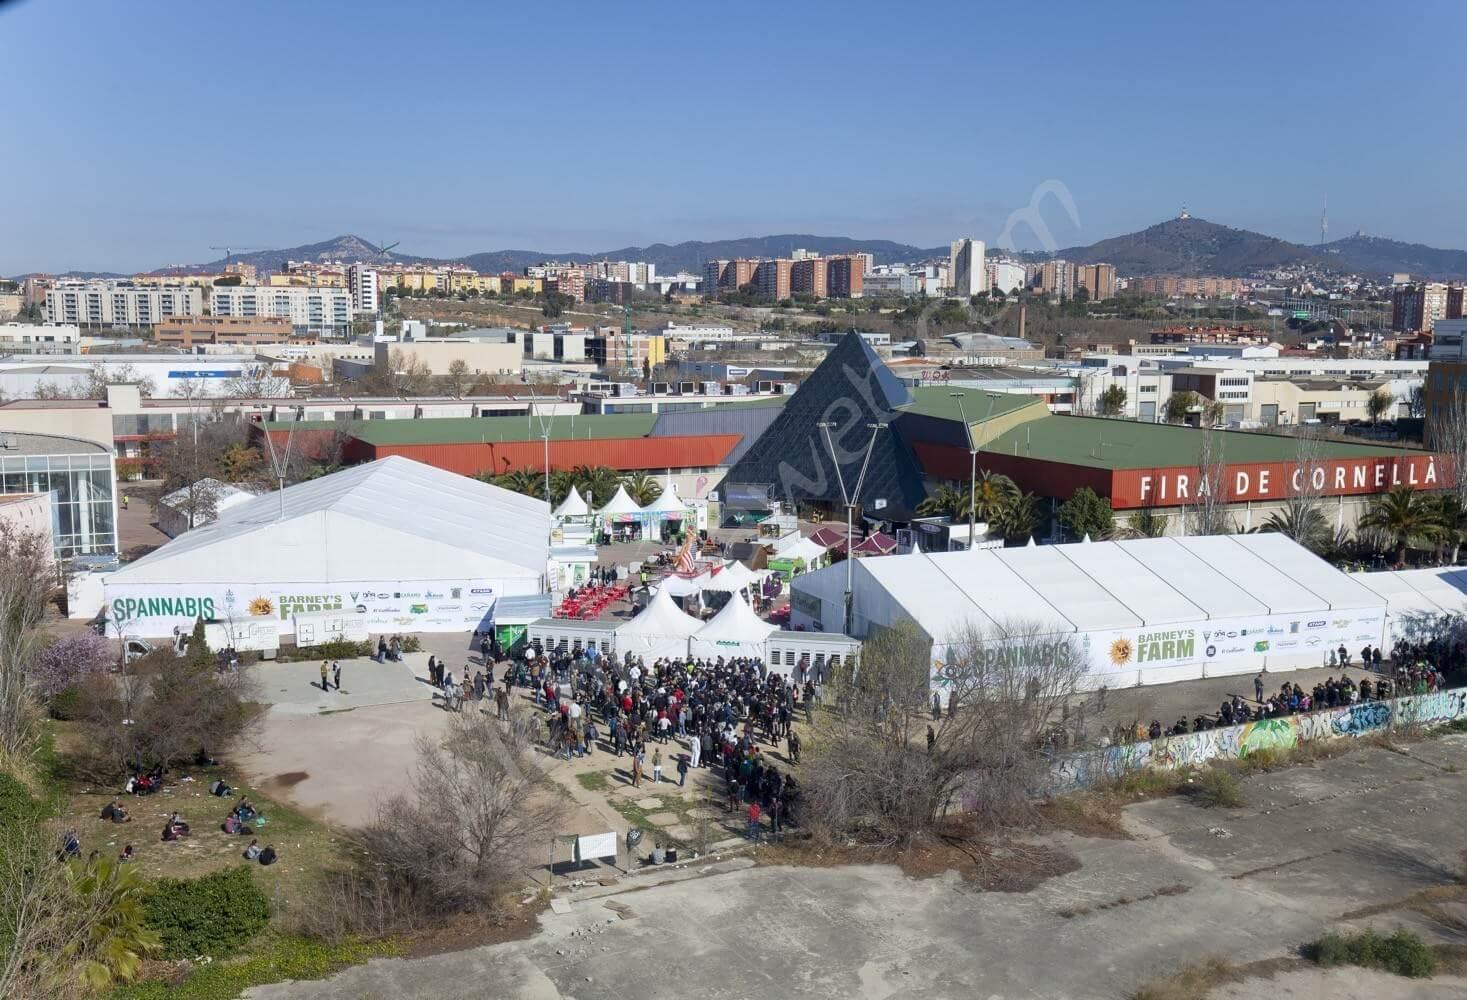 Feria de Cornellà Spannabis 2016